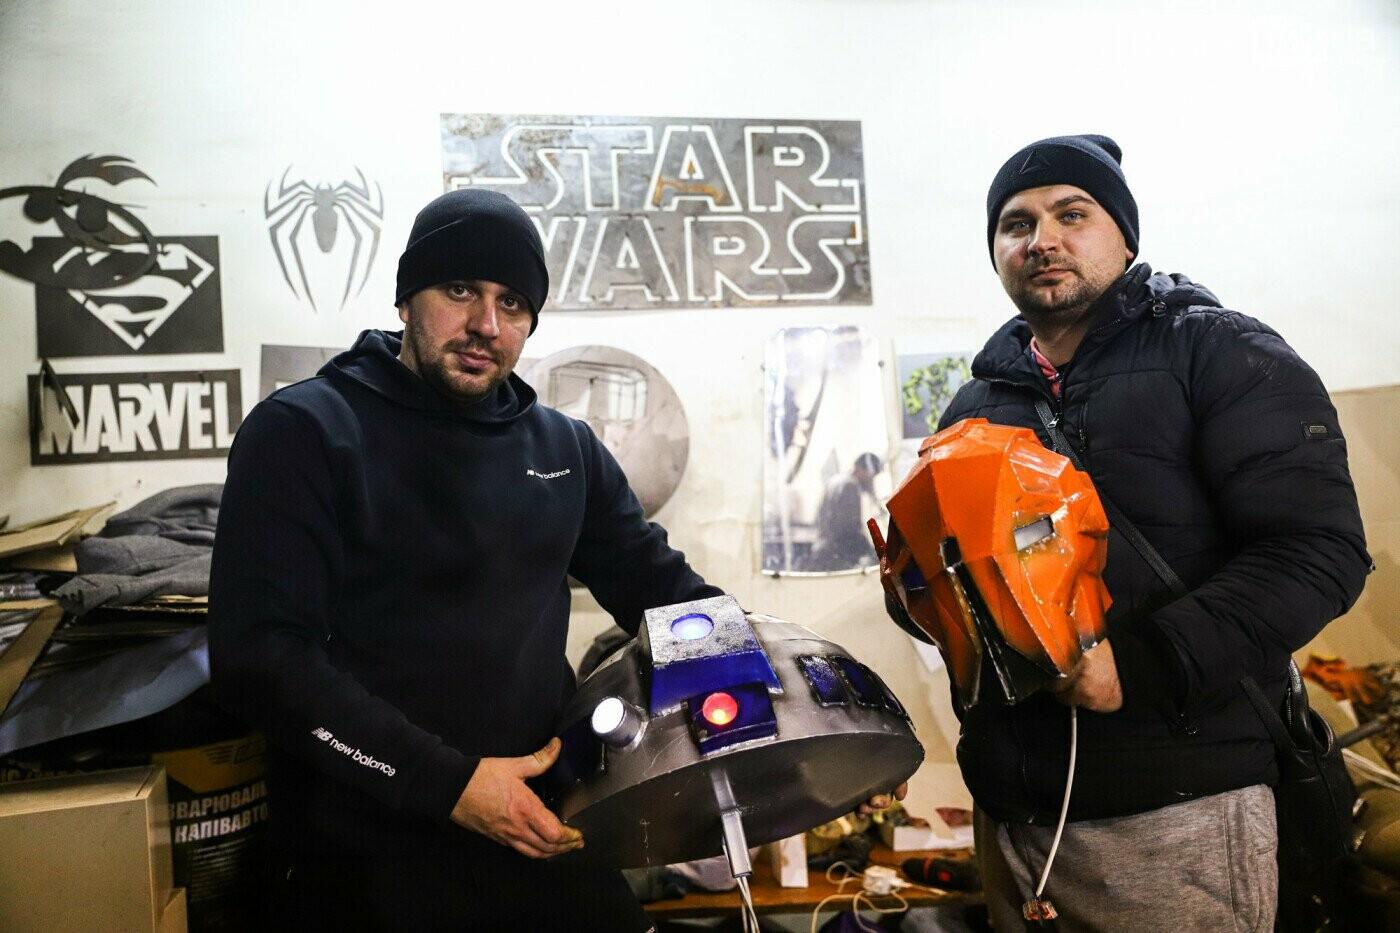 Звездолеты, роботы и Мастер Йода — в Кременчуге откроется крутая выставка, фото-1